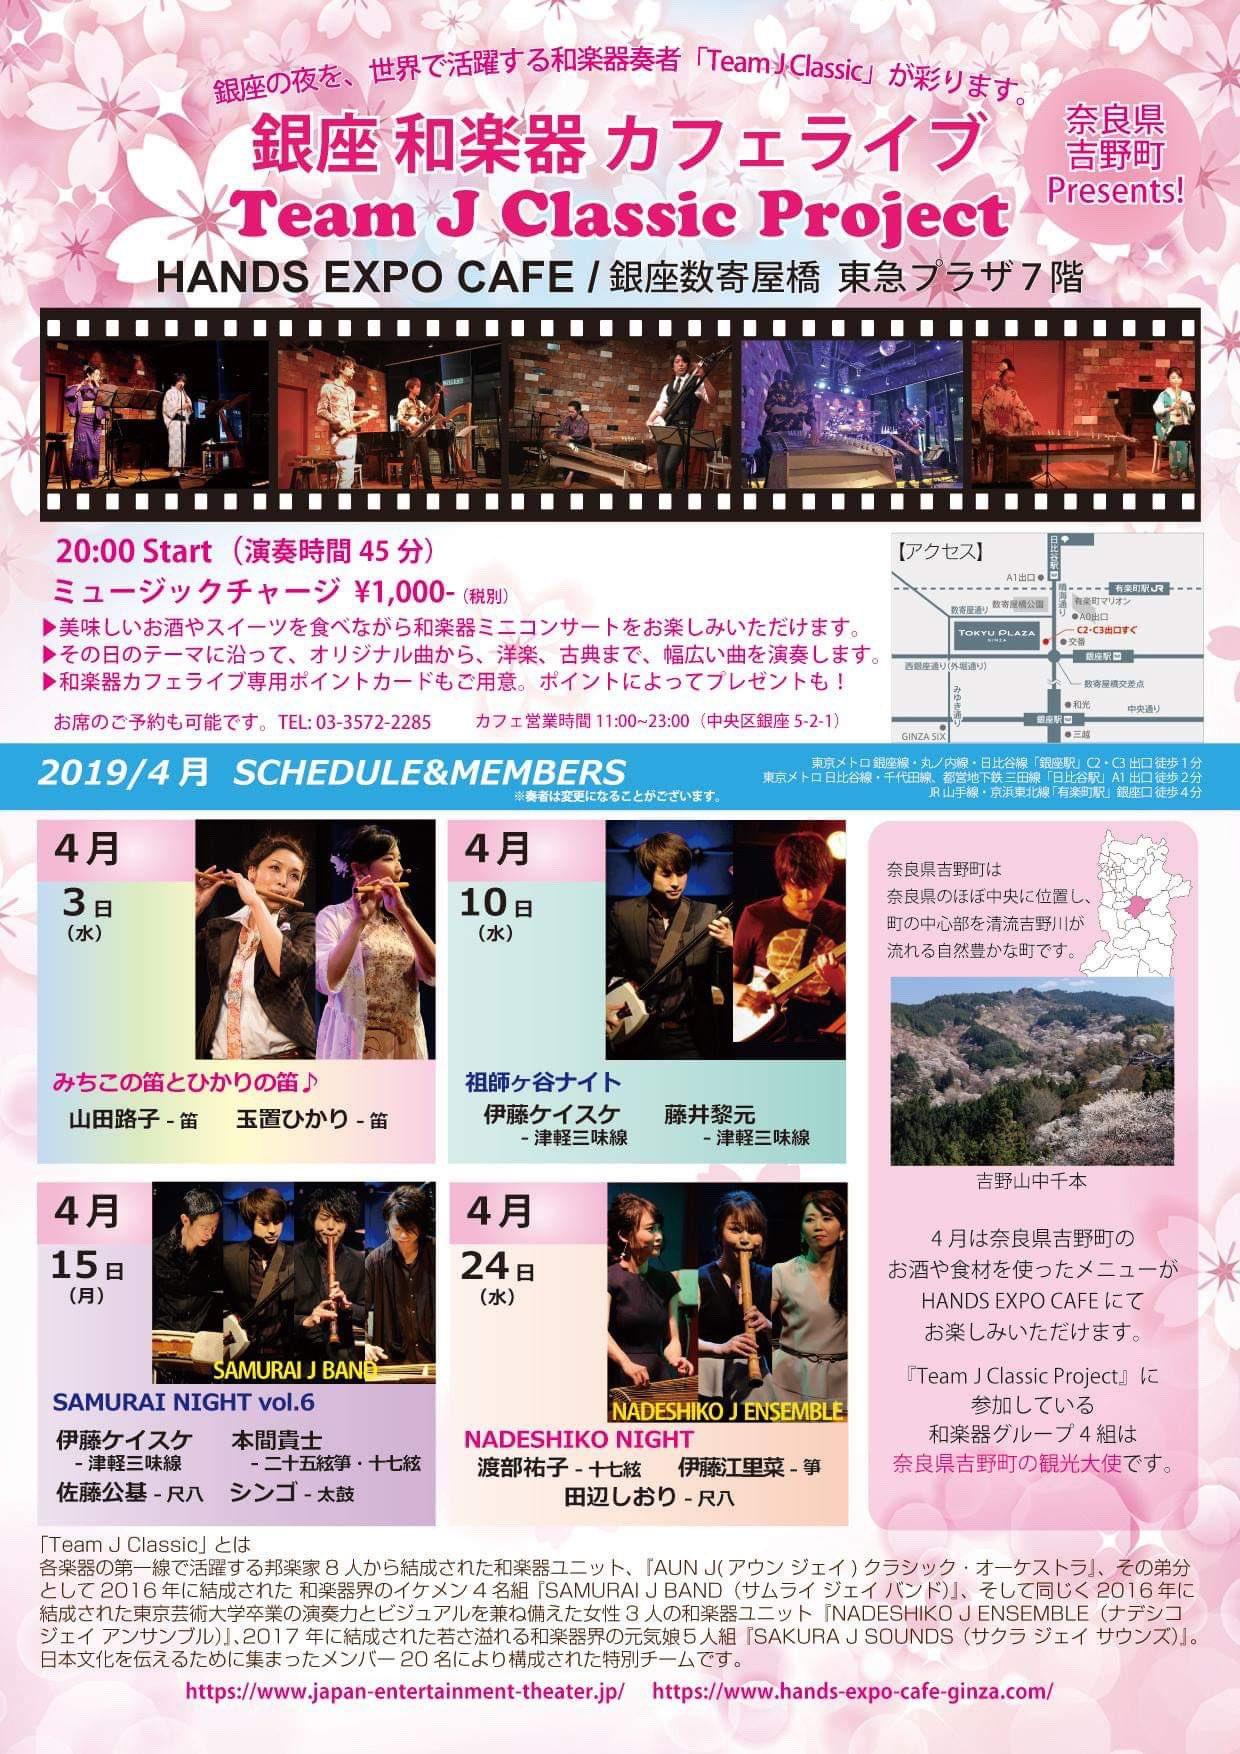 銀座 和楽器 カフェライブ Team J Classic Project(SAMURAI NIGHT vol.6)